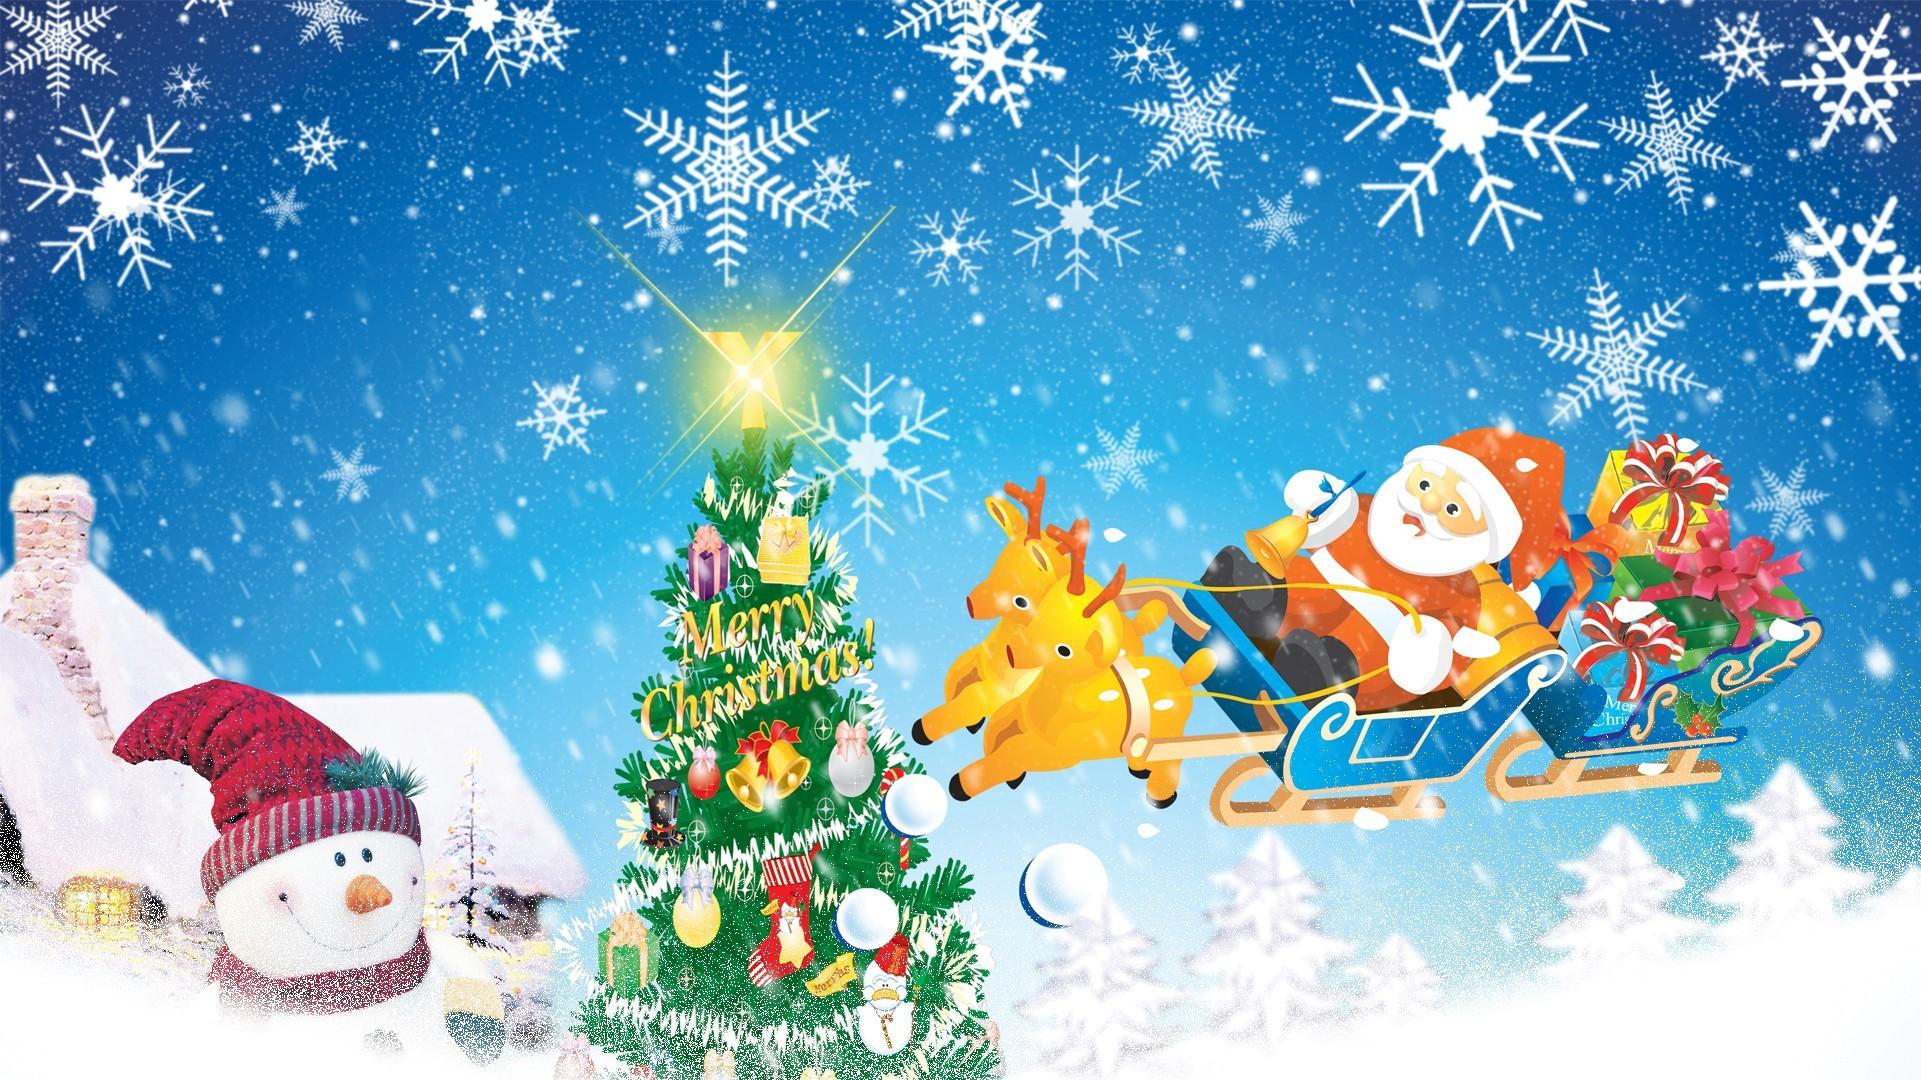 Winter: Santa Sleigh Christmas Merry Trees Sky Snowflakes Feliz Toys ...